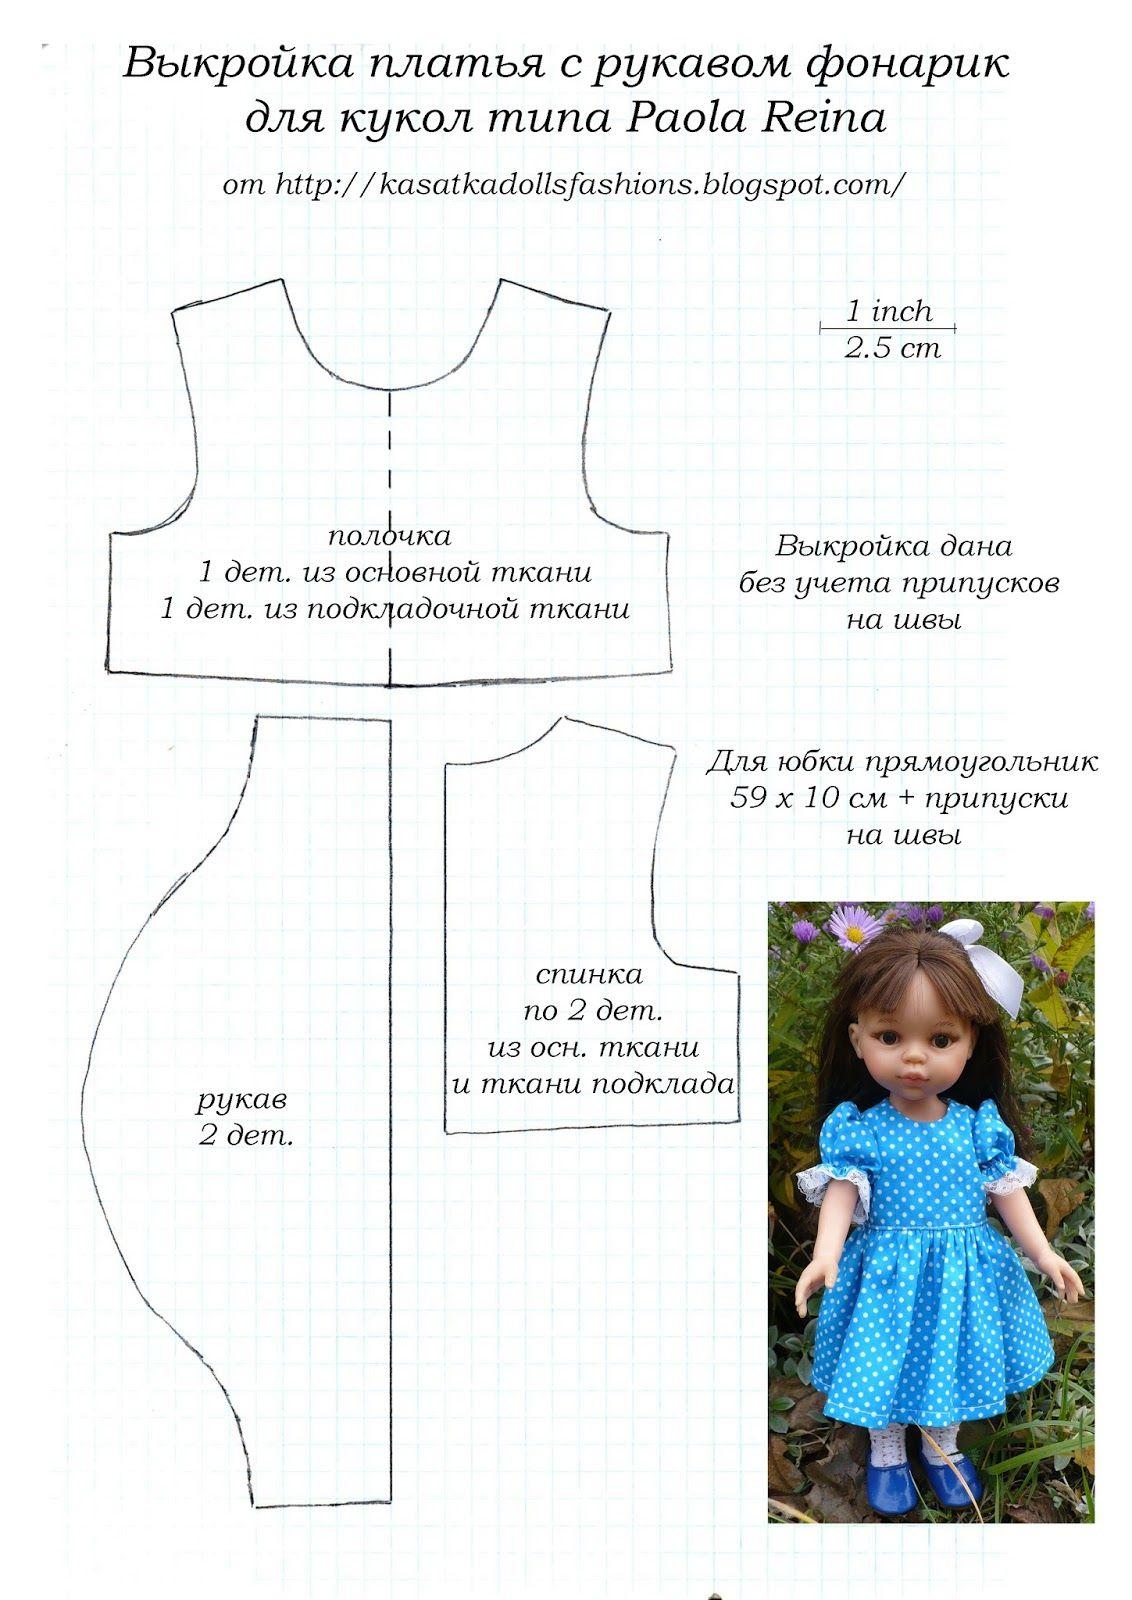 Одежда для кукол паола своими руками фото 374